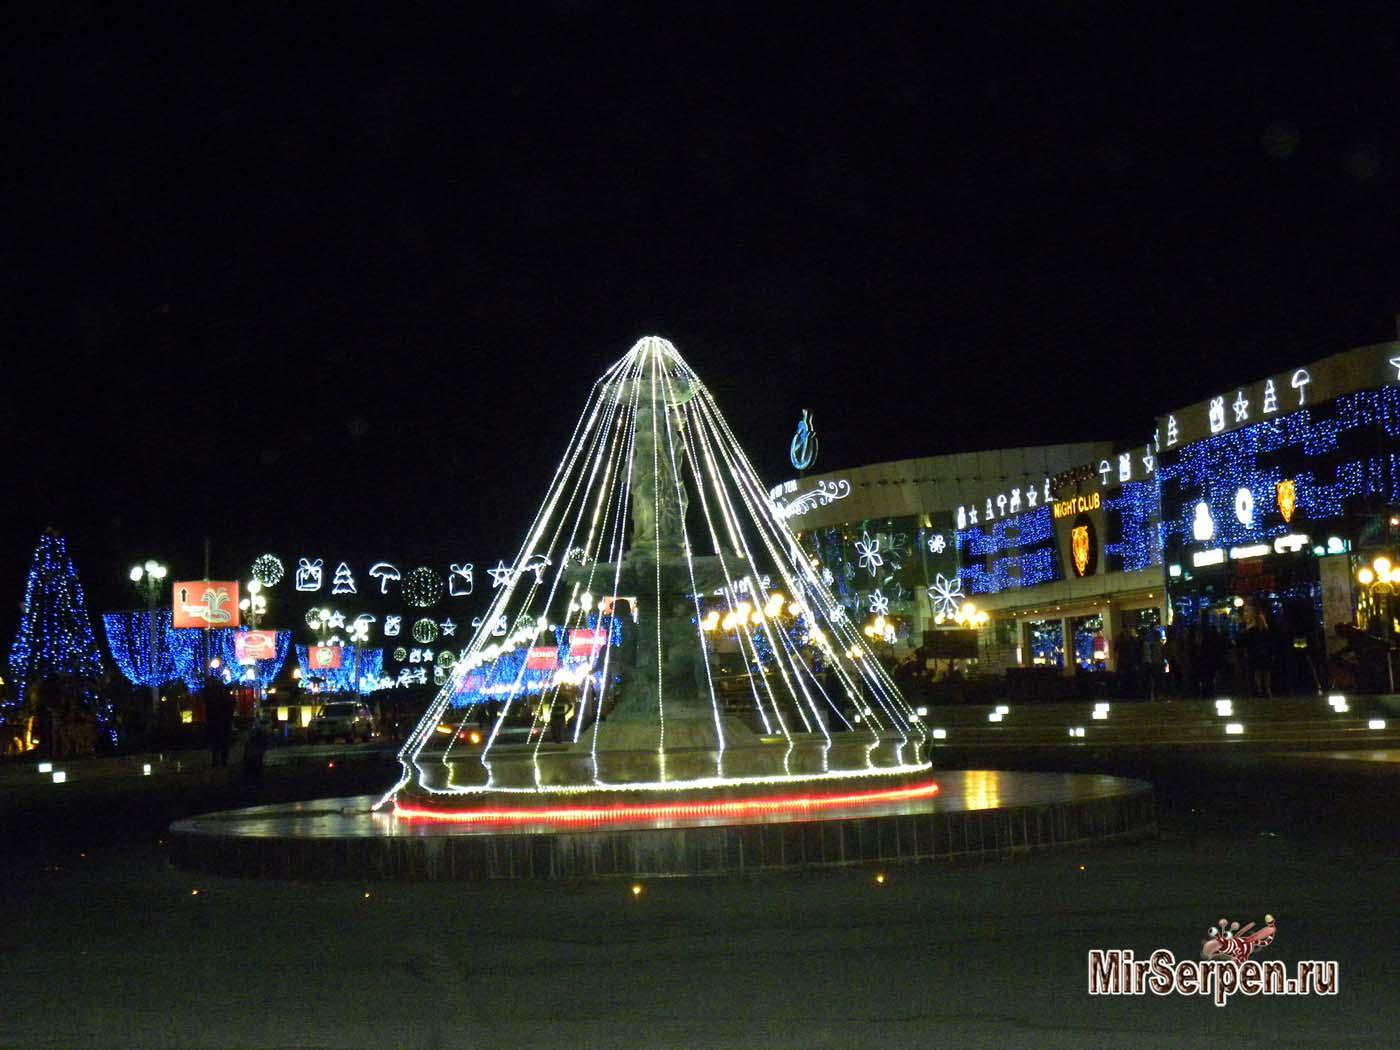 Празднование Нового года в Шарм-эш-Шейхе